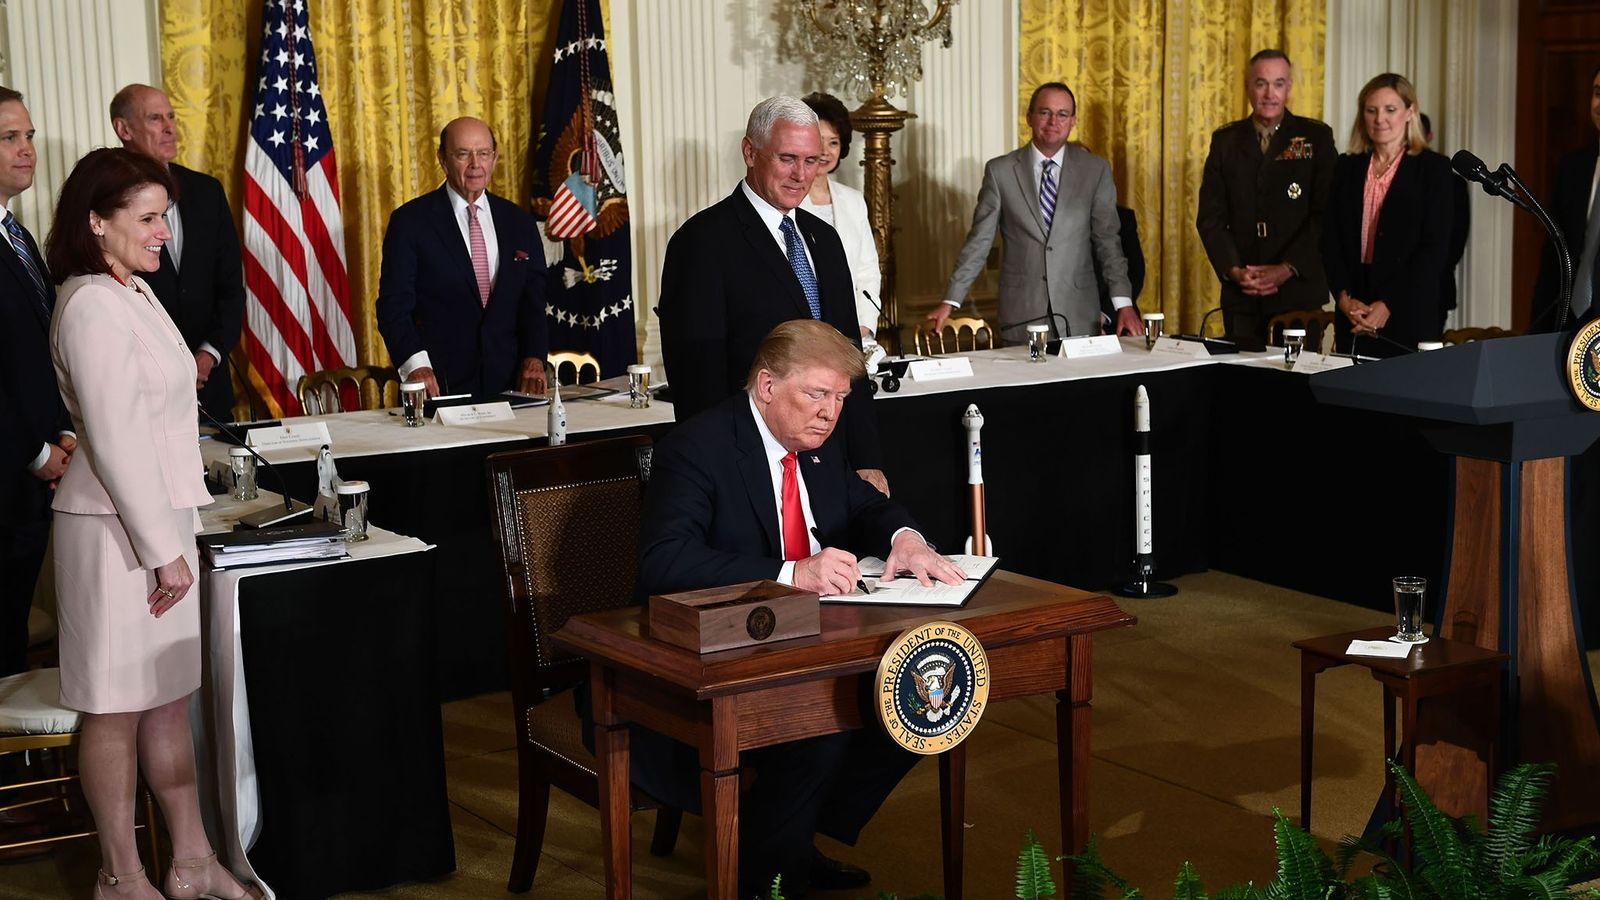 Le 18 juin 2018, Donald Trump a signé une directive sur la formation d'un corps armé ...